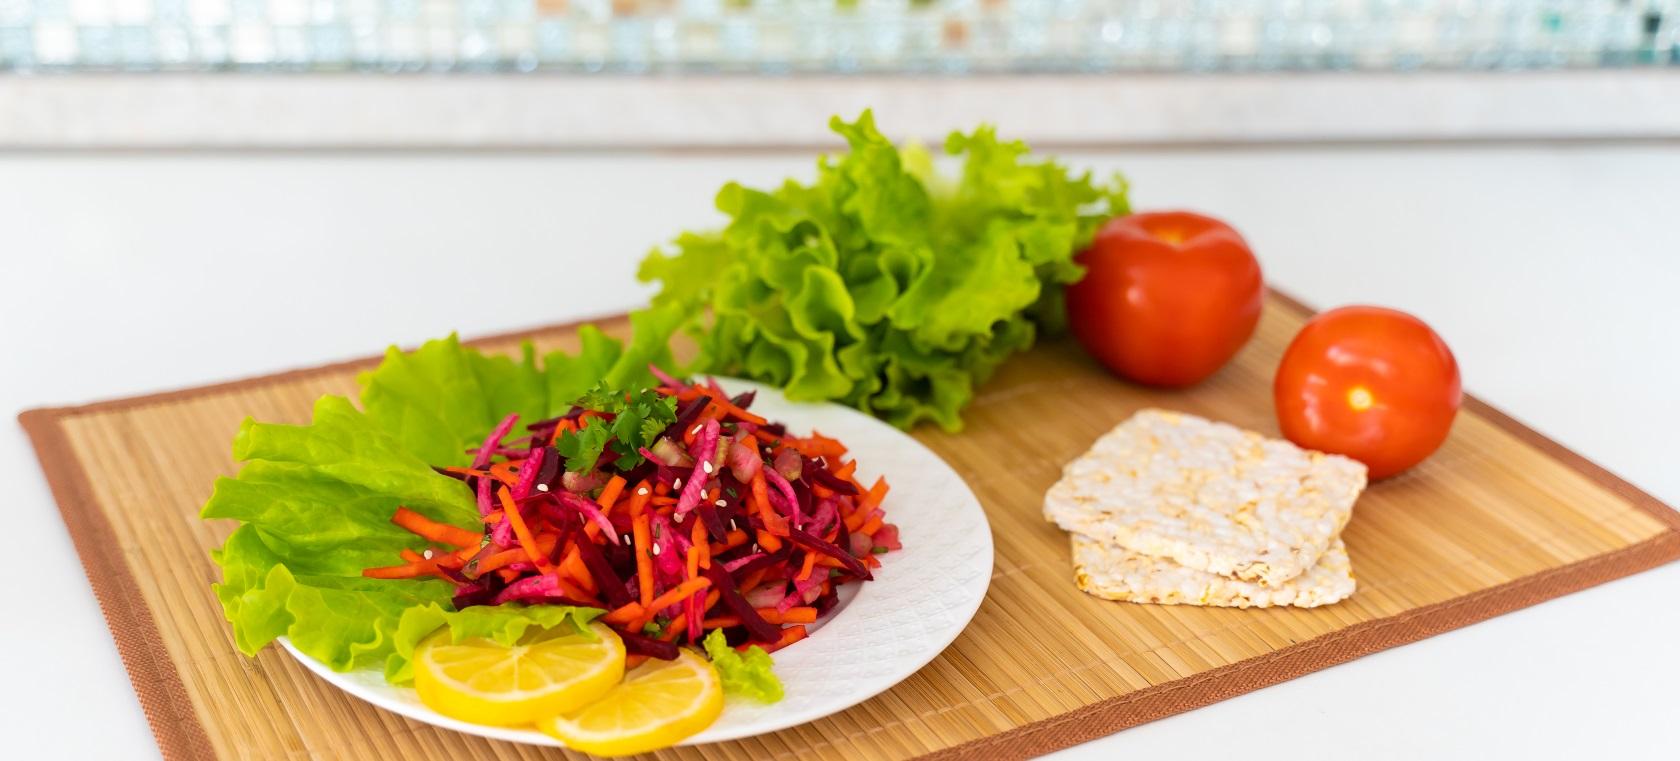 Салат щетка для похудения: рецепт, отзывы и сколько скидывают, результаты